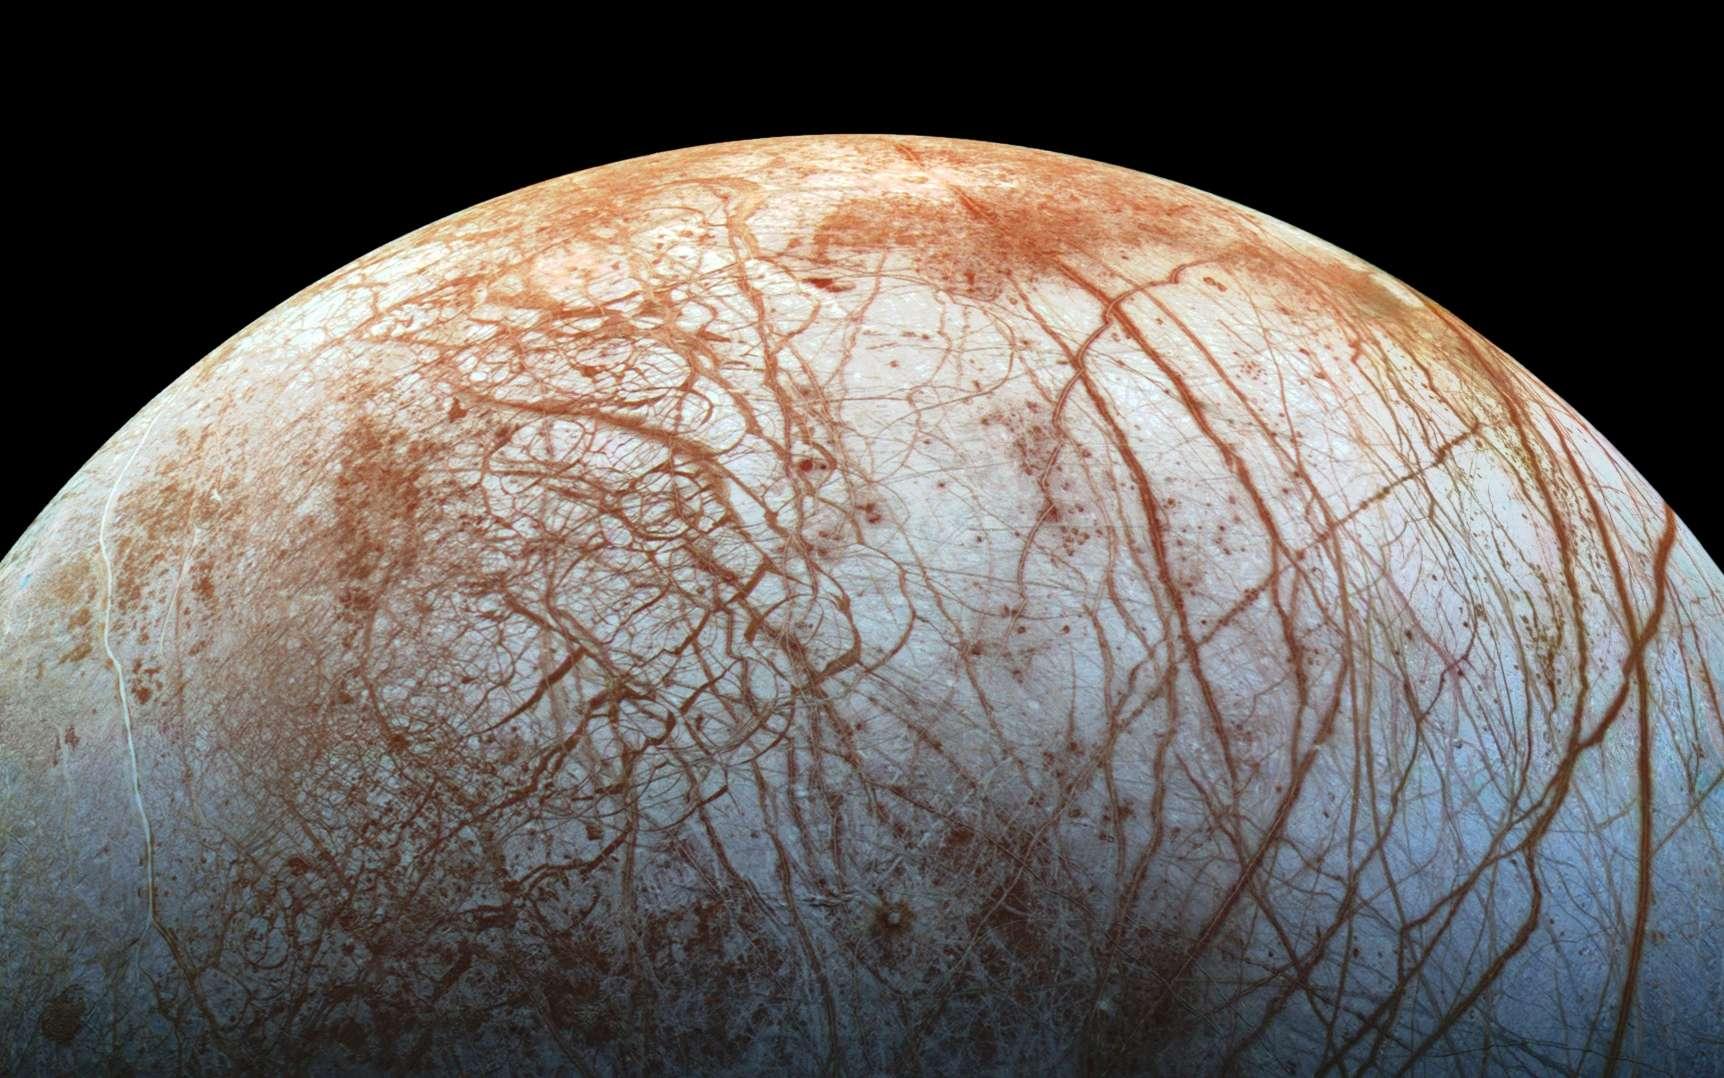 Y a-t-il une tectonique des plaques sur Europe, une lune de Jupiter ? Ici, une vue de la surface d'Europe. © Nasa